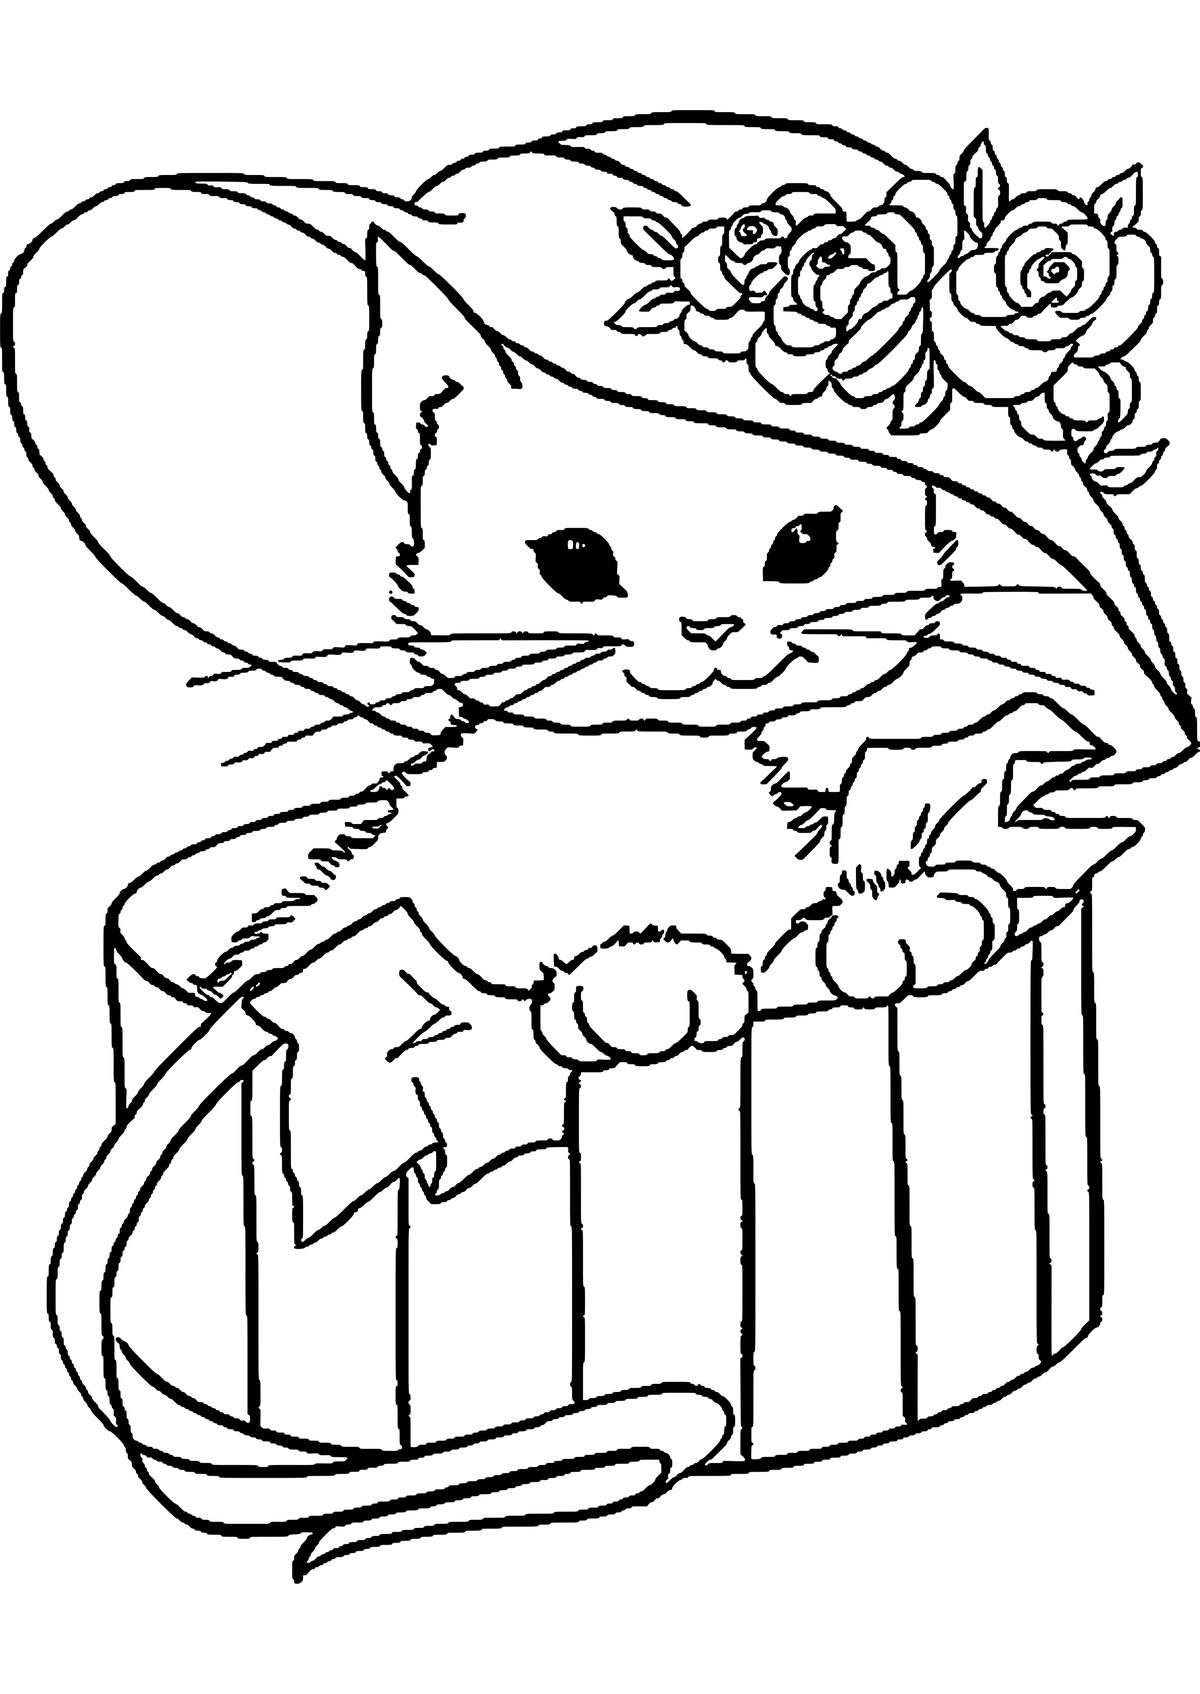 открытка с кошкой распечатать самые интересные обсуждаемые